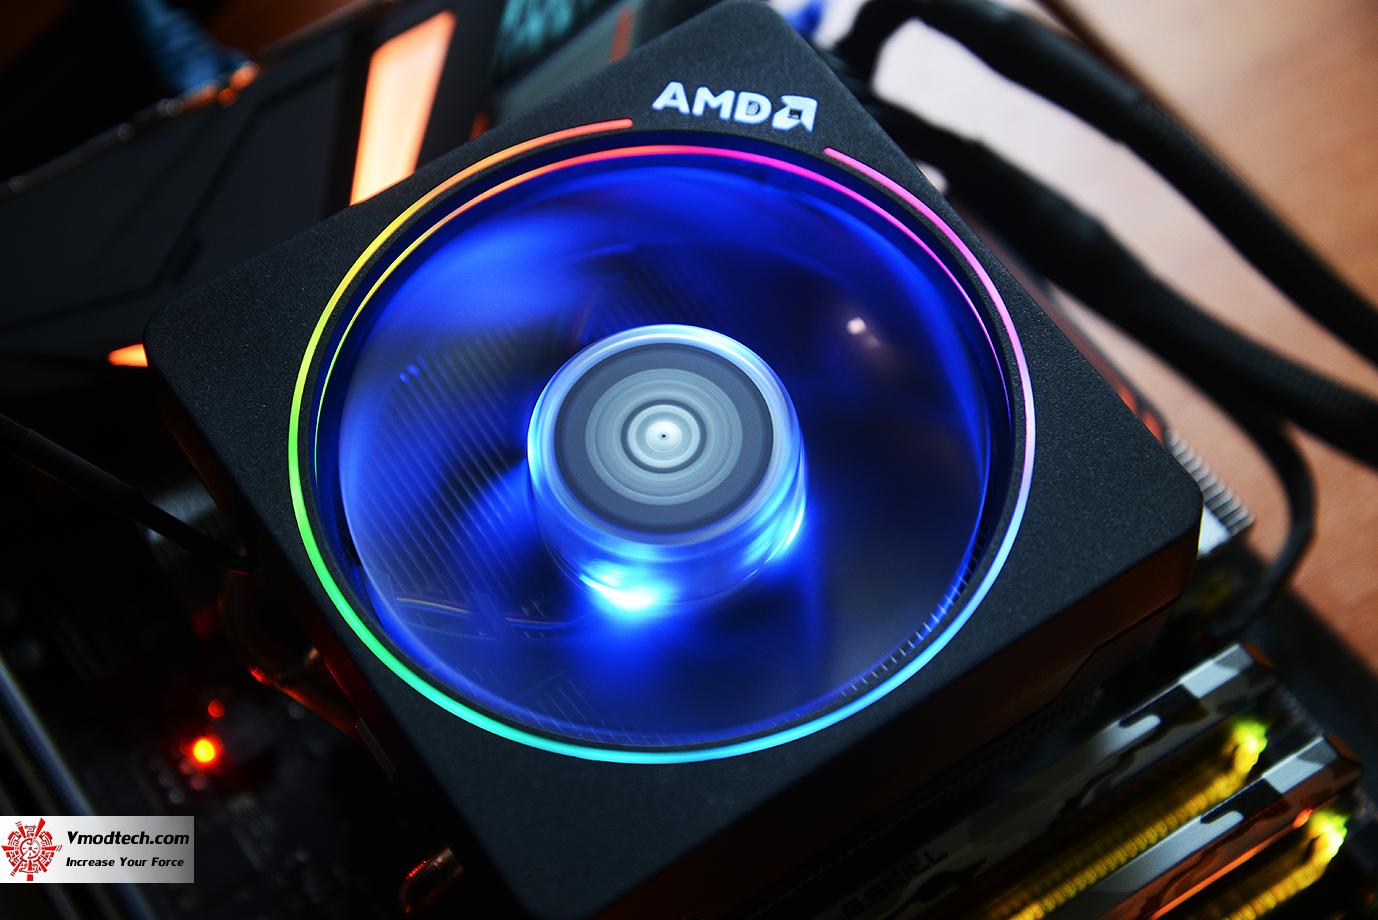 dsc 1664 AMD RYZEN 7 2700X PROCESSOR REVIEW